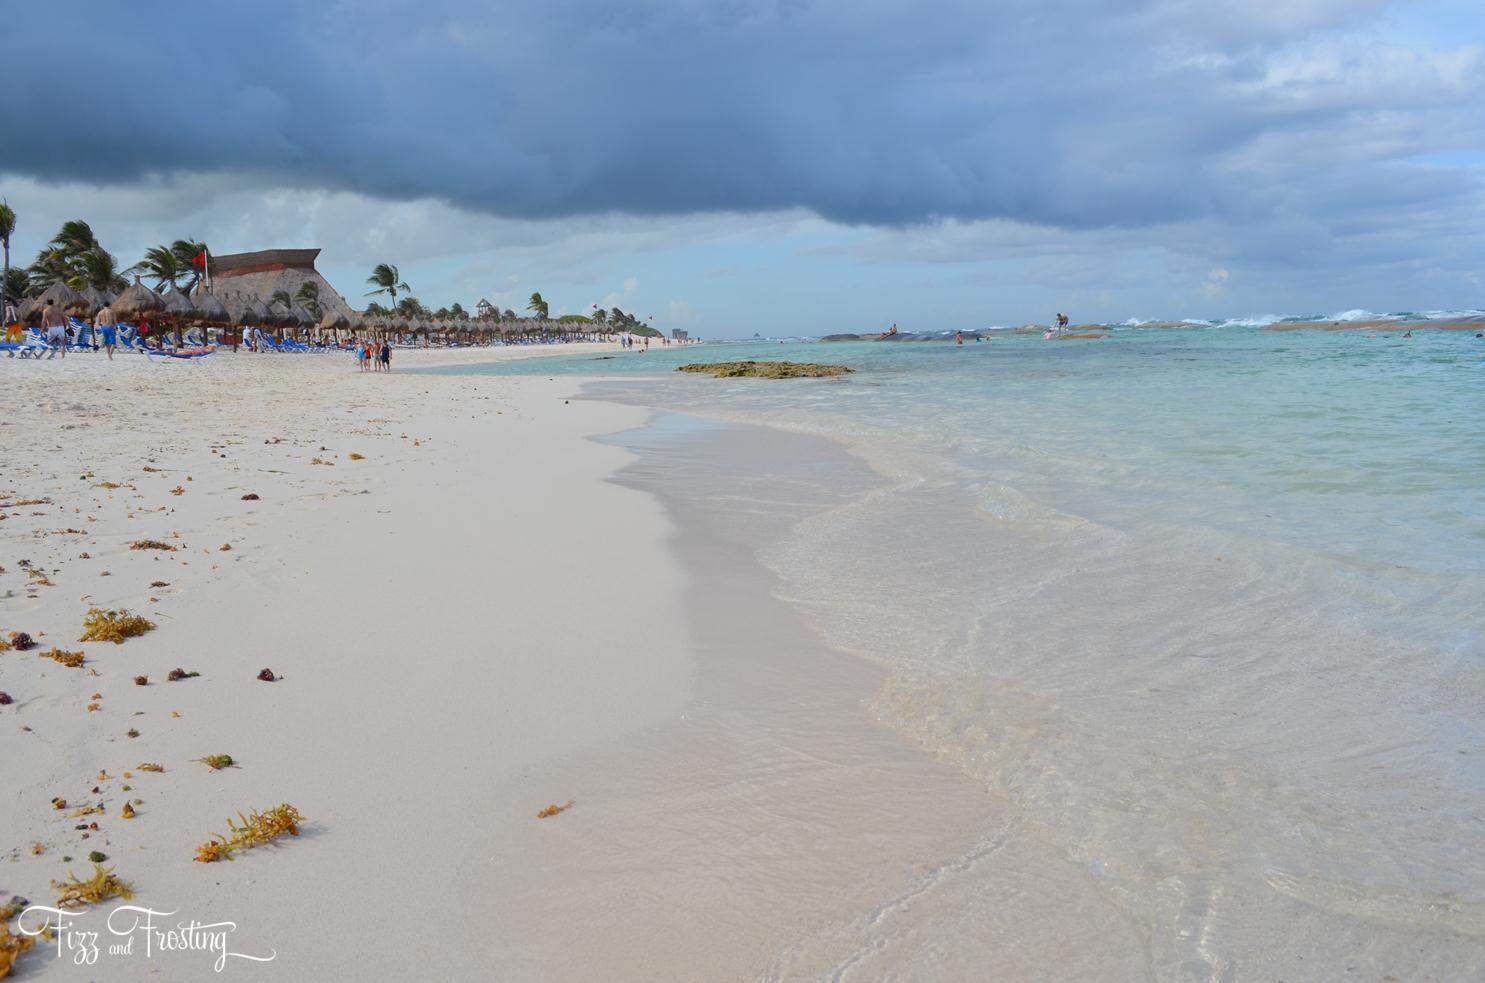 RIveria Maya Sian Ka'an beach